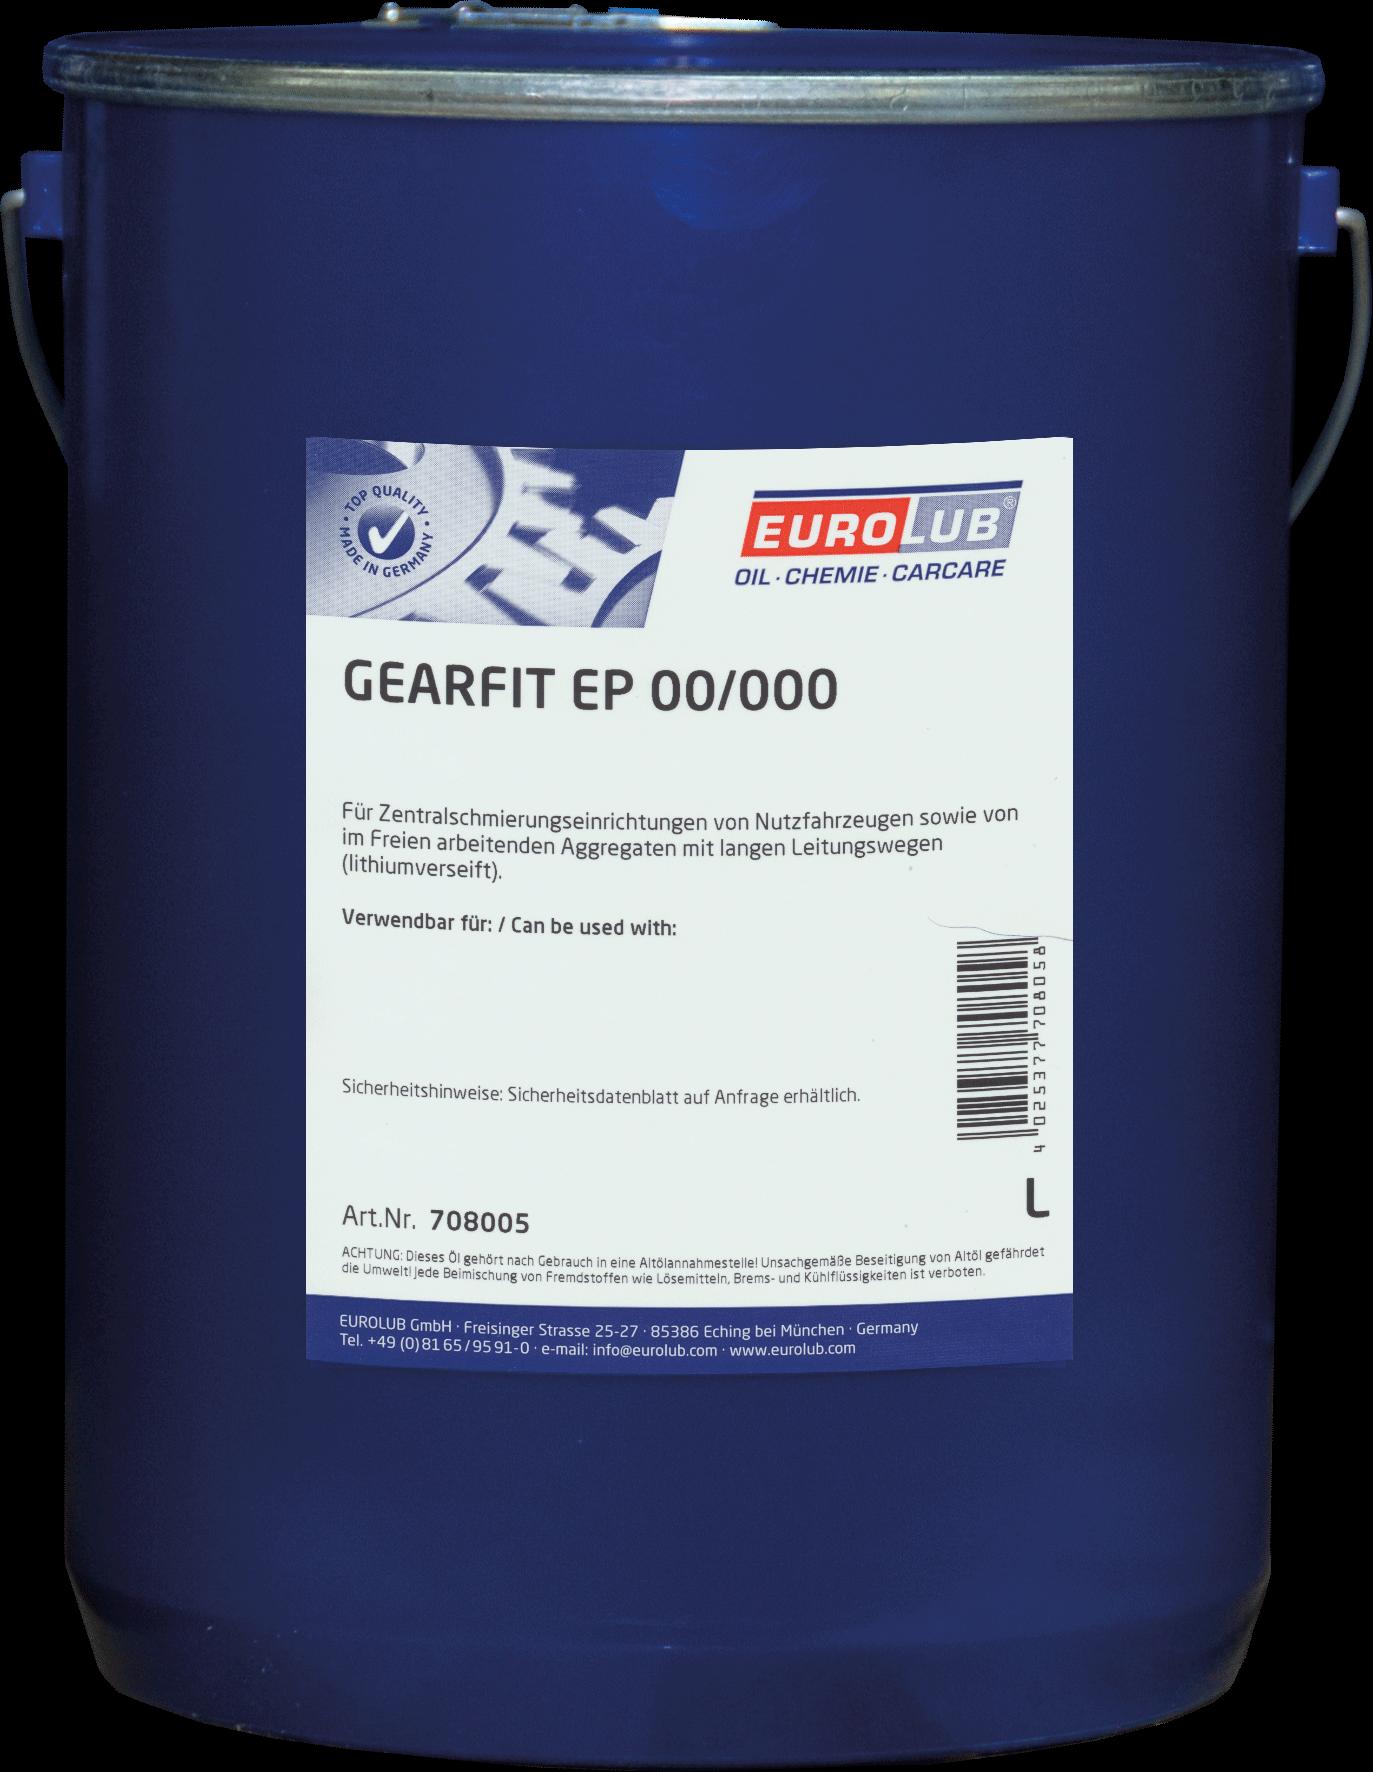 Eurolub Gearfit EP00/000 (мастило для централізованих систем)